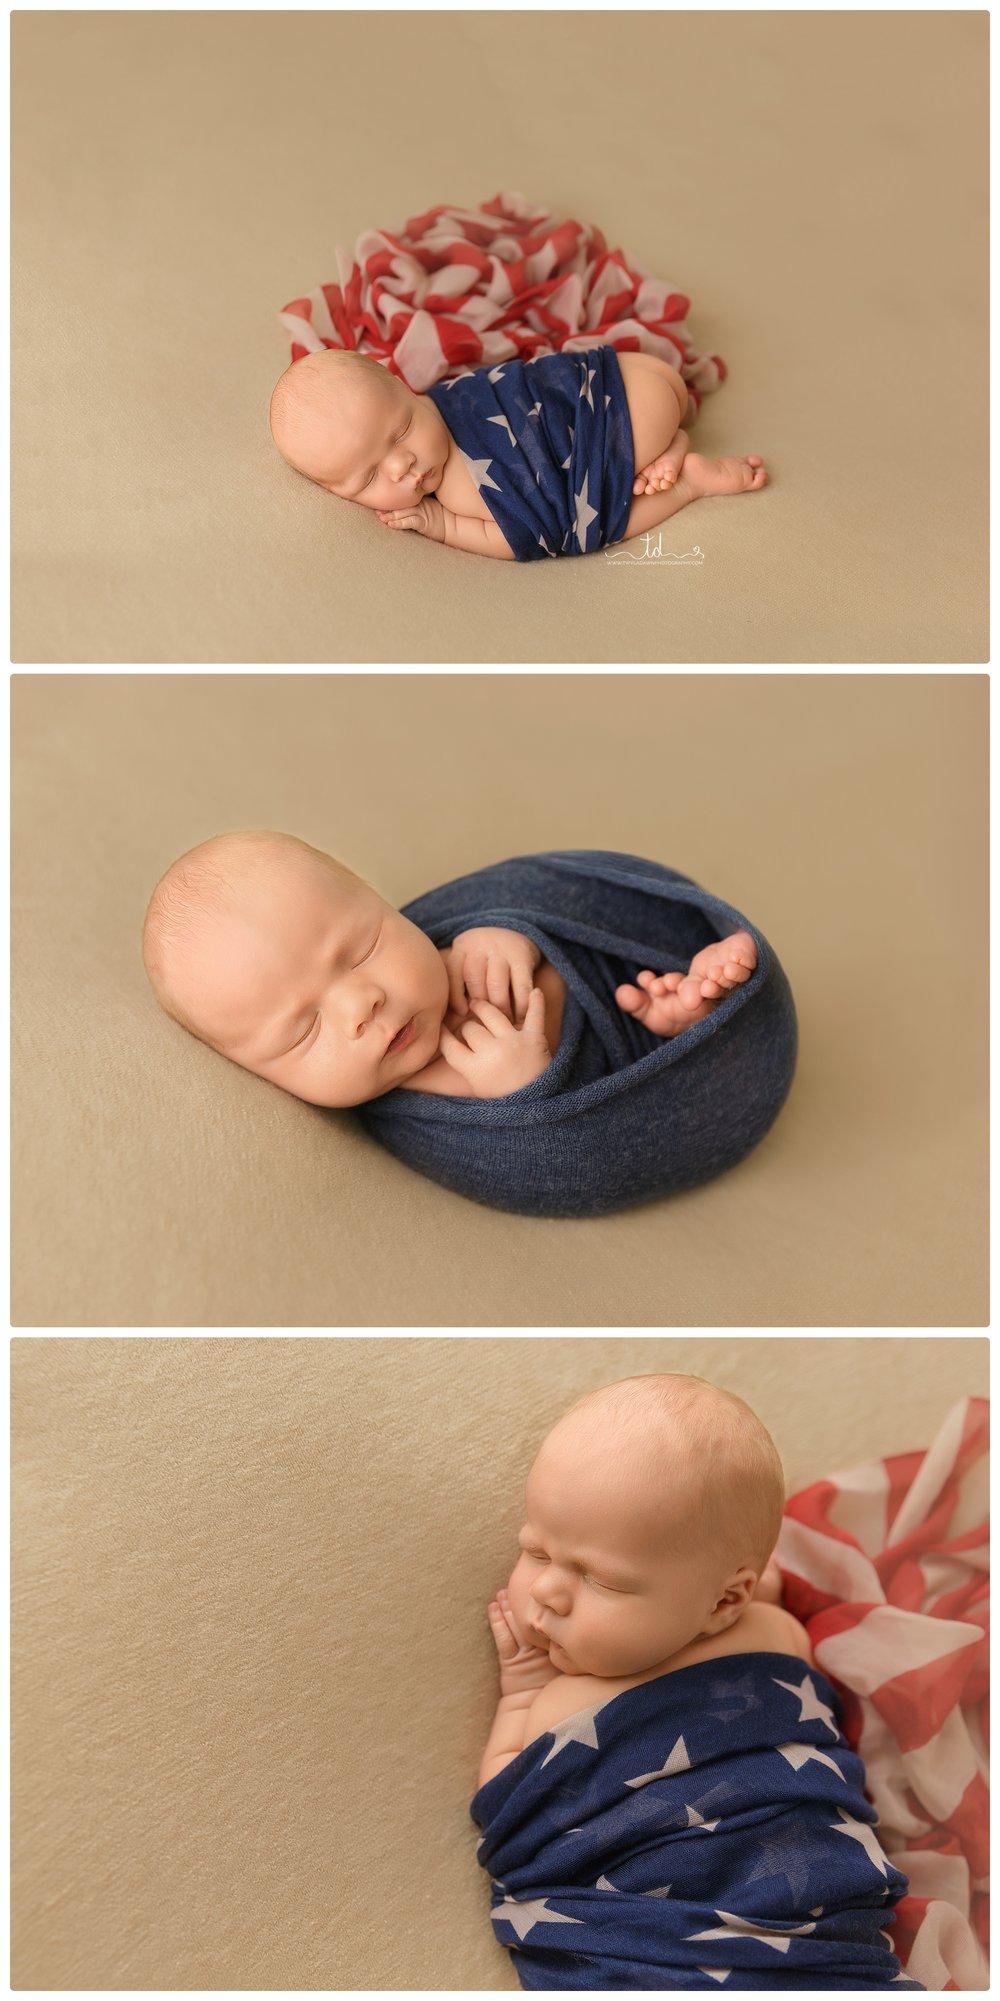 Newborn Photography Utah | Baby Photography Utah | Newborn Photographer Salt Lake City |